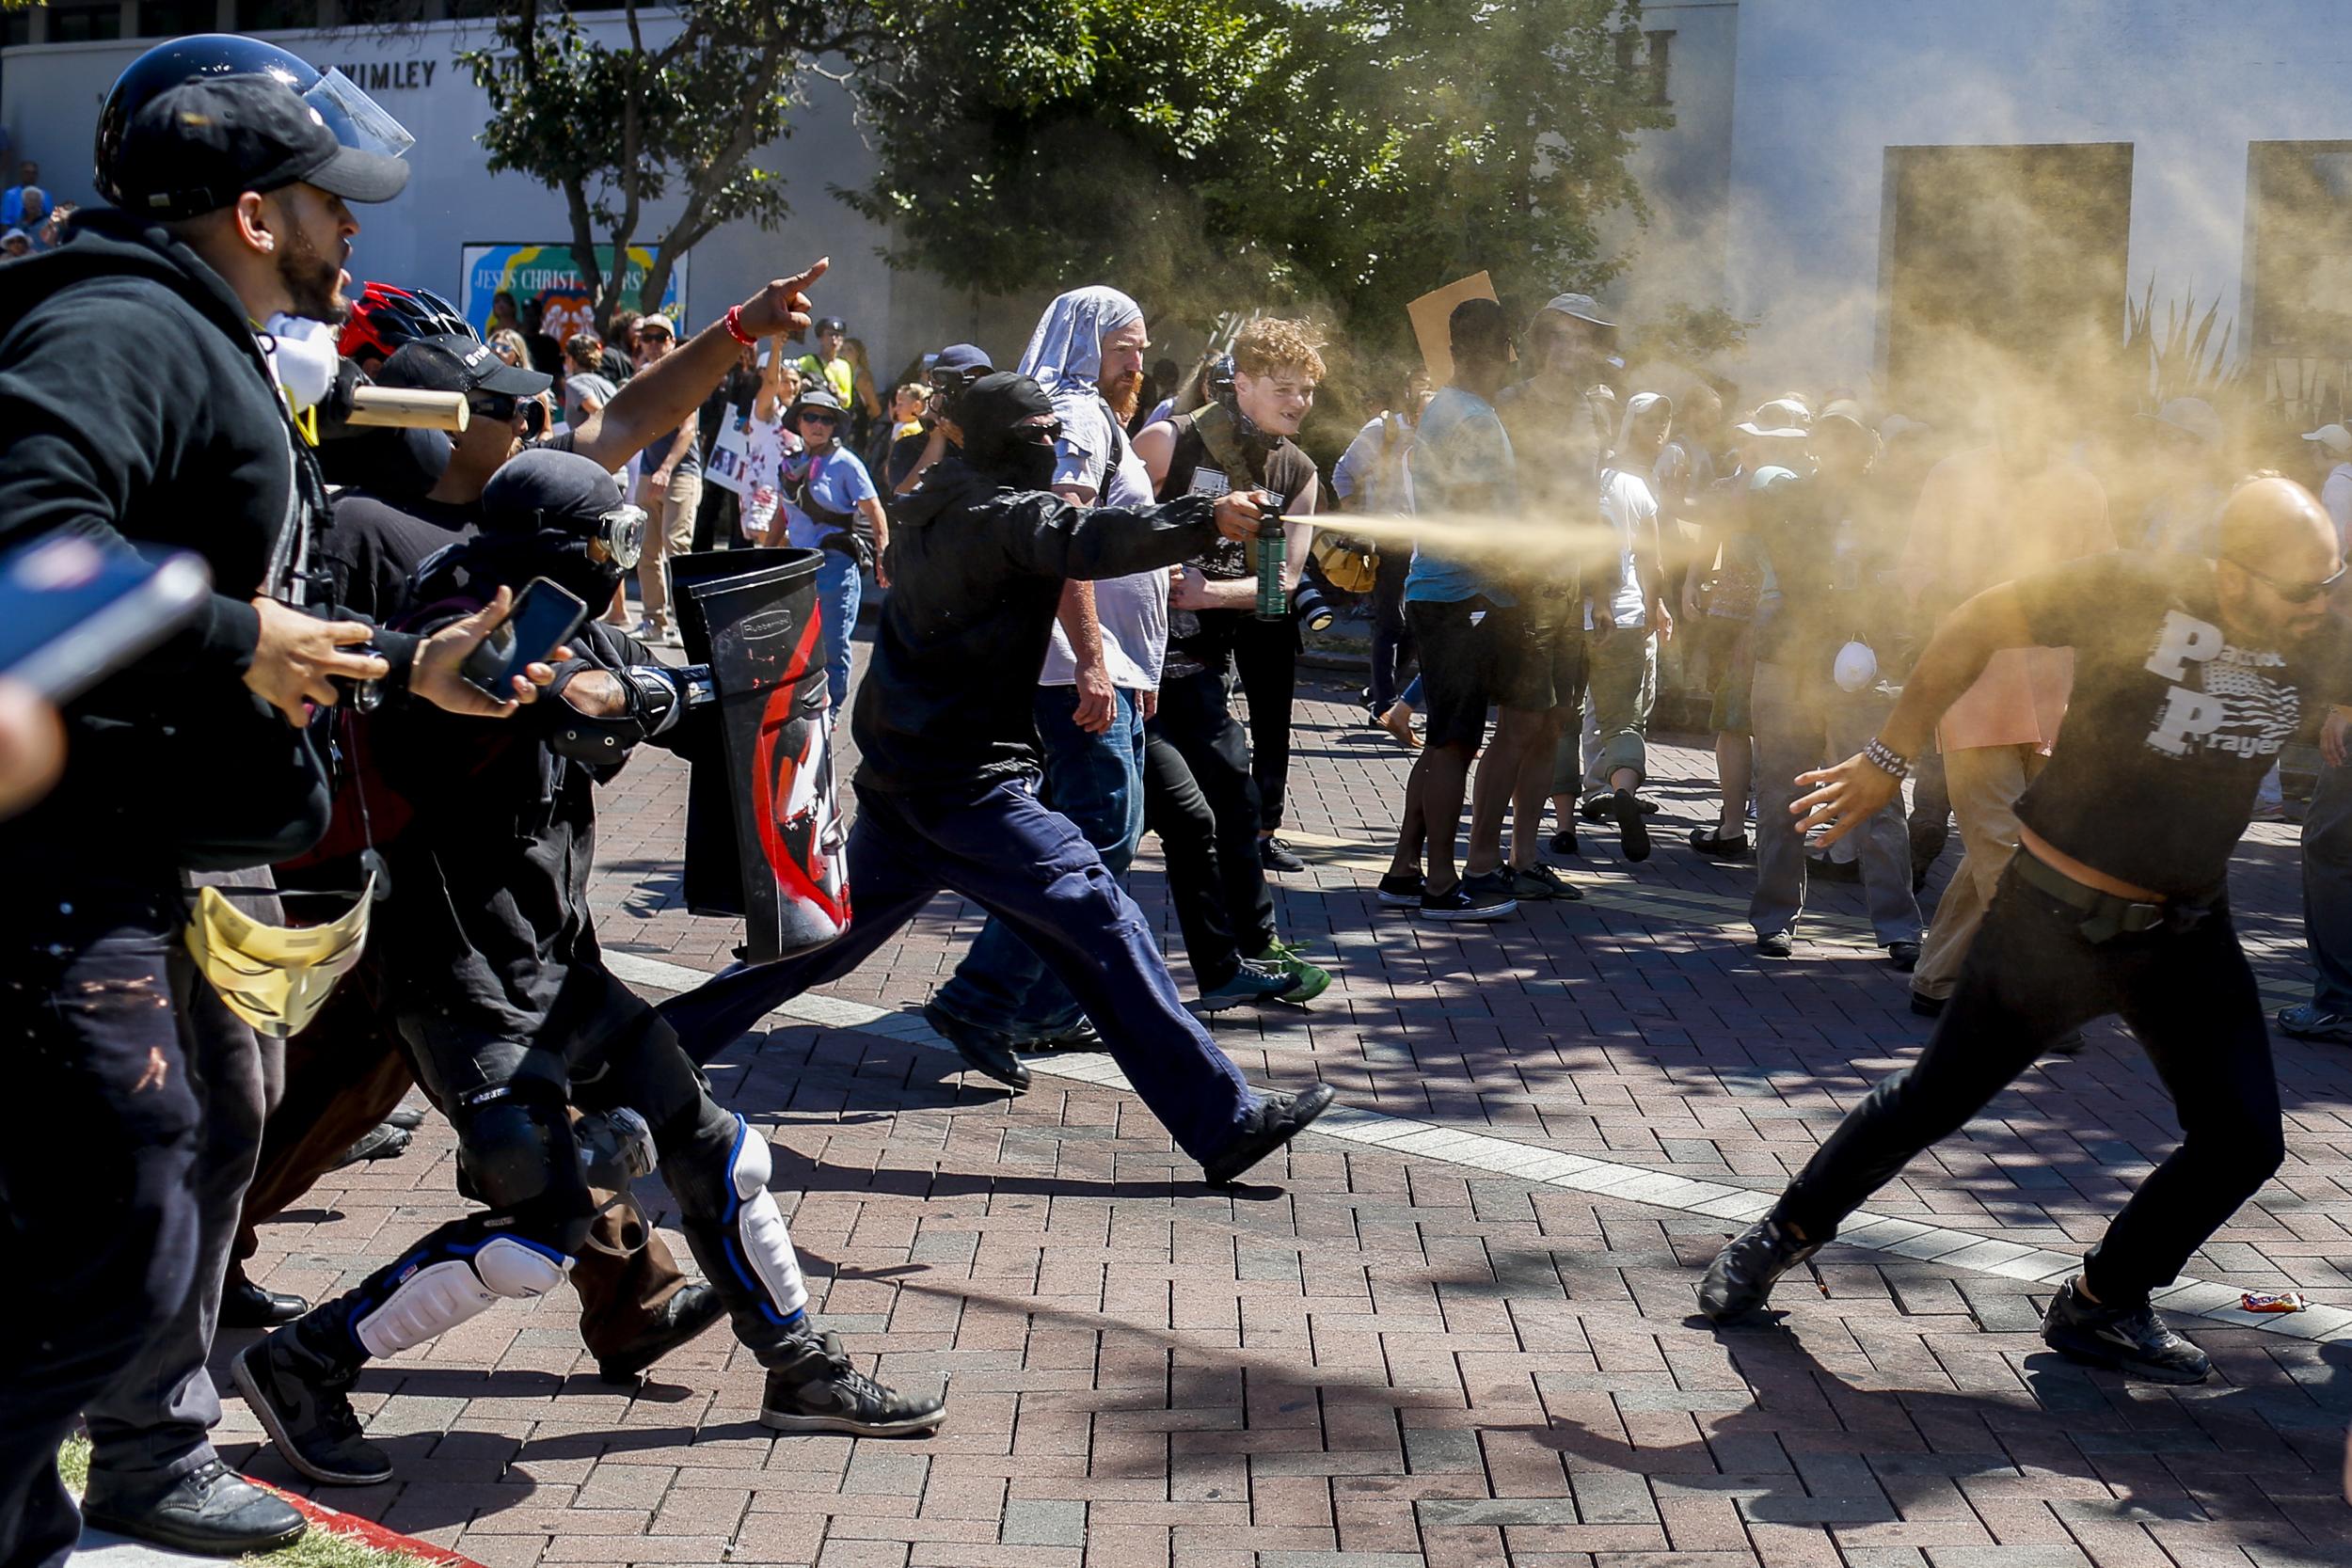 20170827_weekend_protests_572.jpg